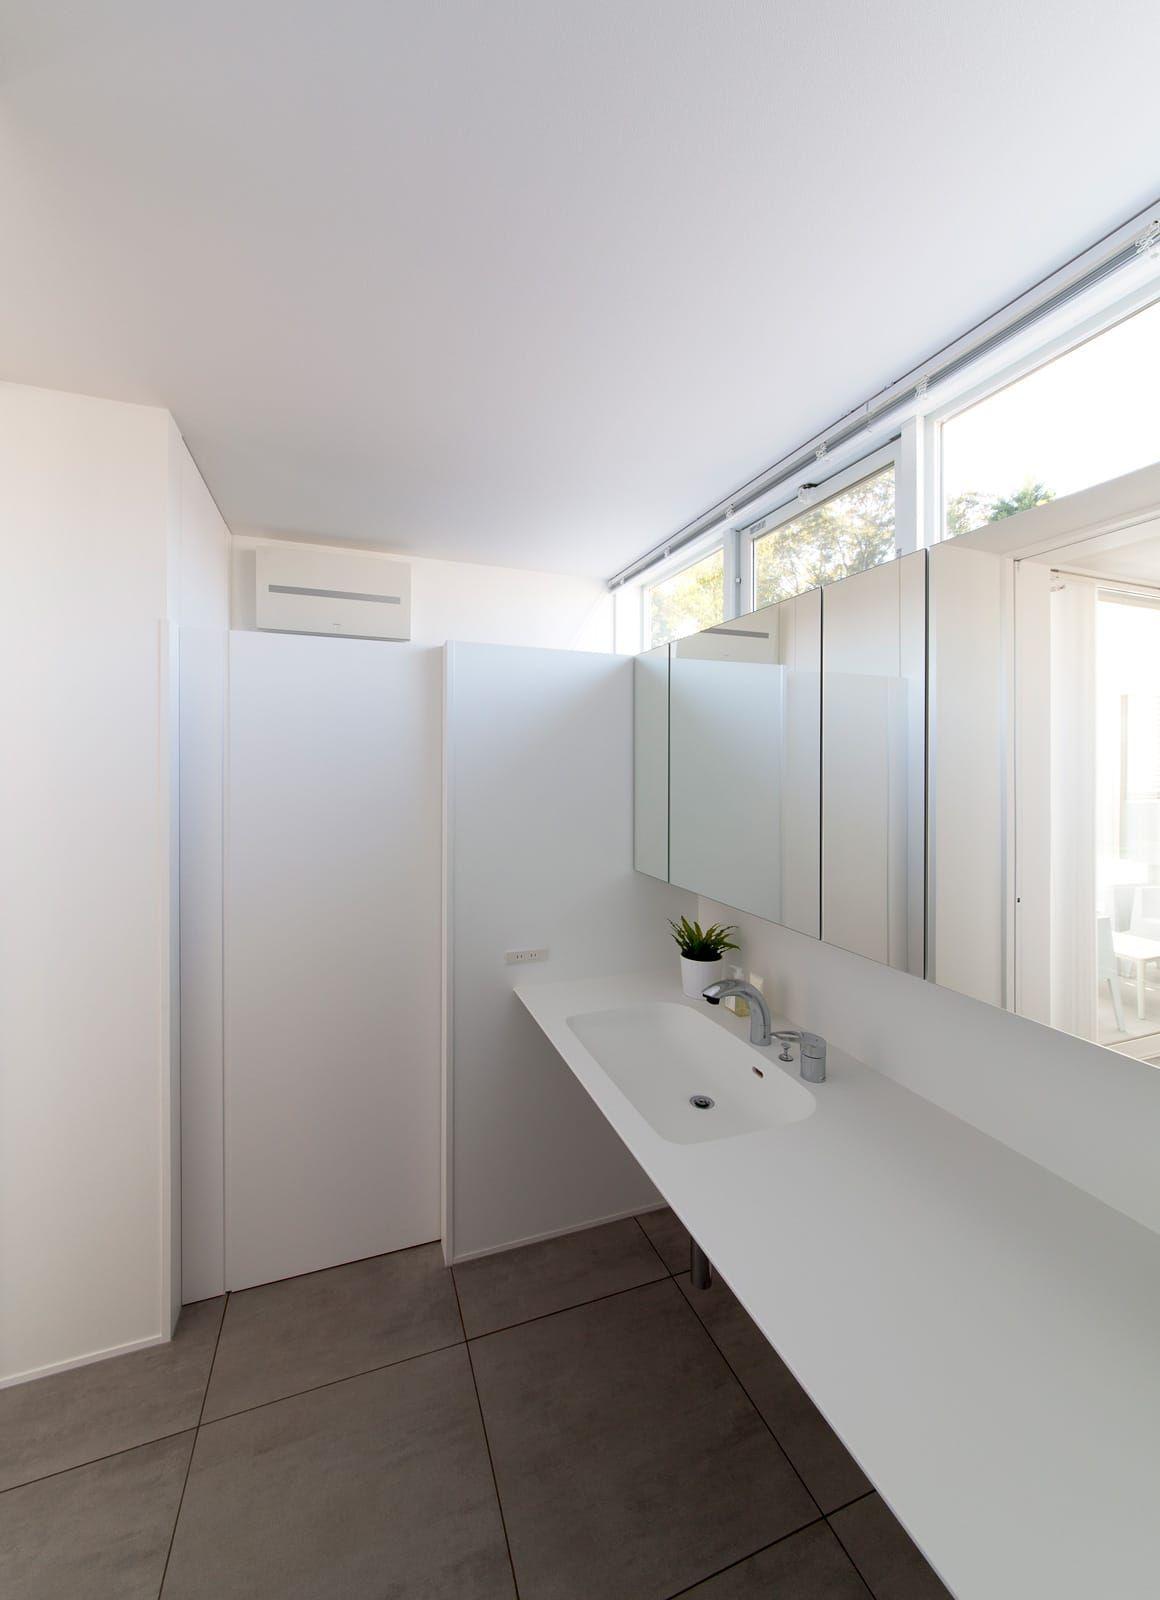 サンルームのある二世帯住宅の浴室 洗面所4 二世帯住宅 住宅